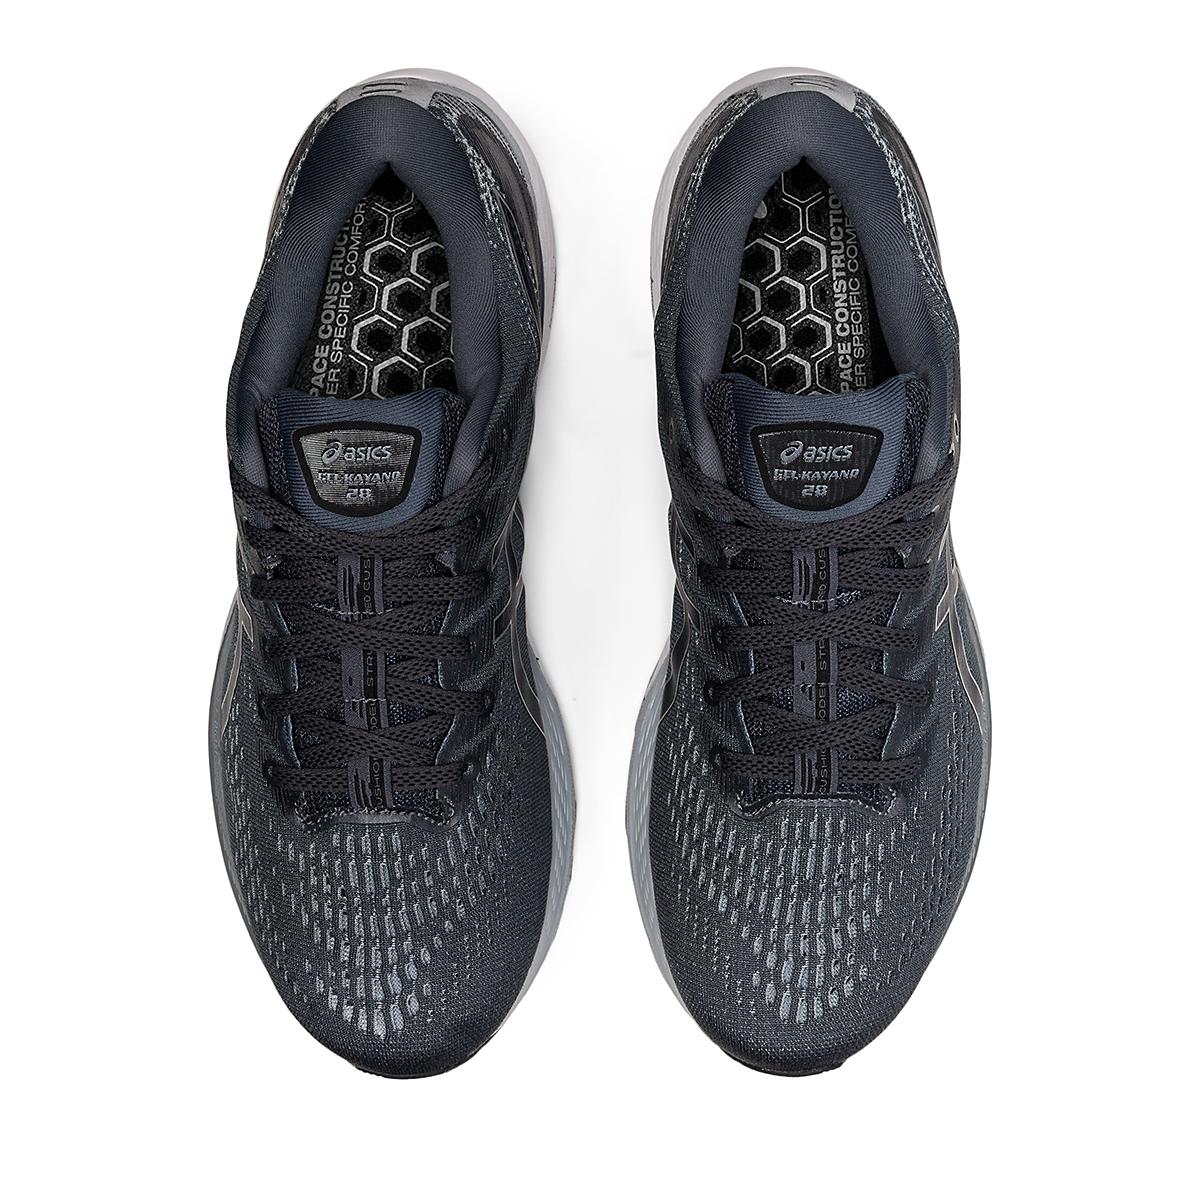 Men's Asics Gel-Kayano 28 Running Shoe - Color: Carrier Grey/Black - Size: 7 - Width: Wide, Carrier Grey/Black, large, image 5